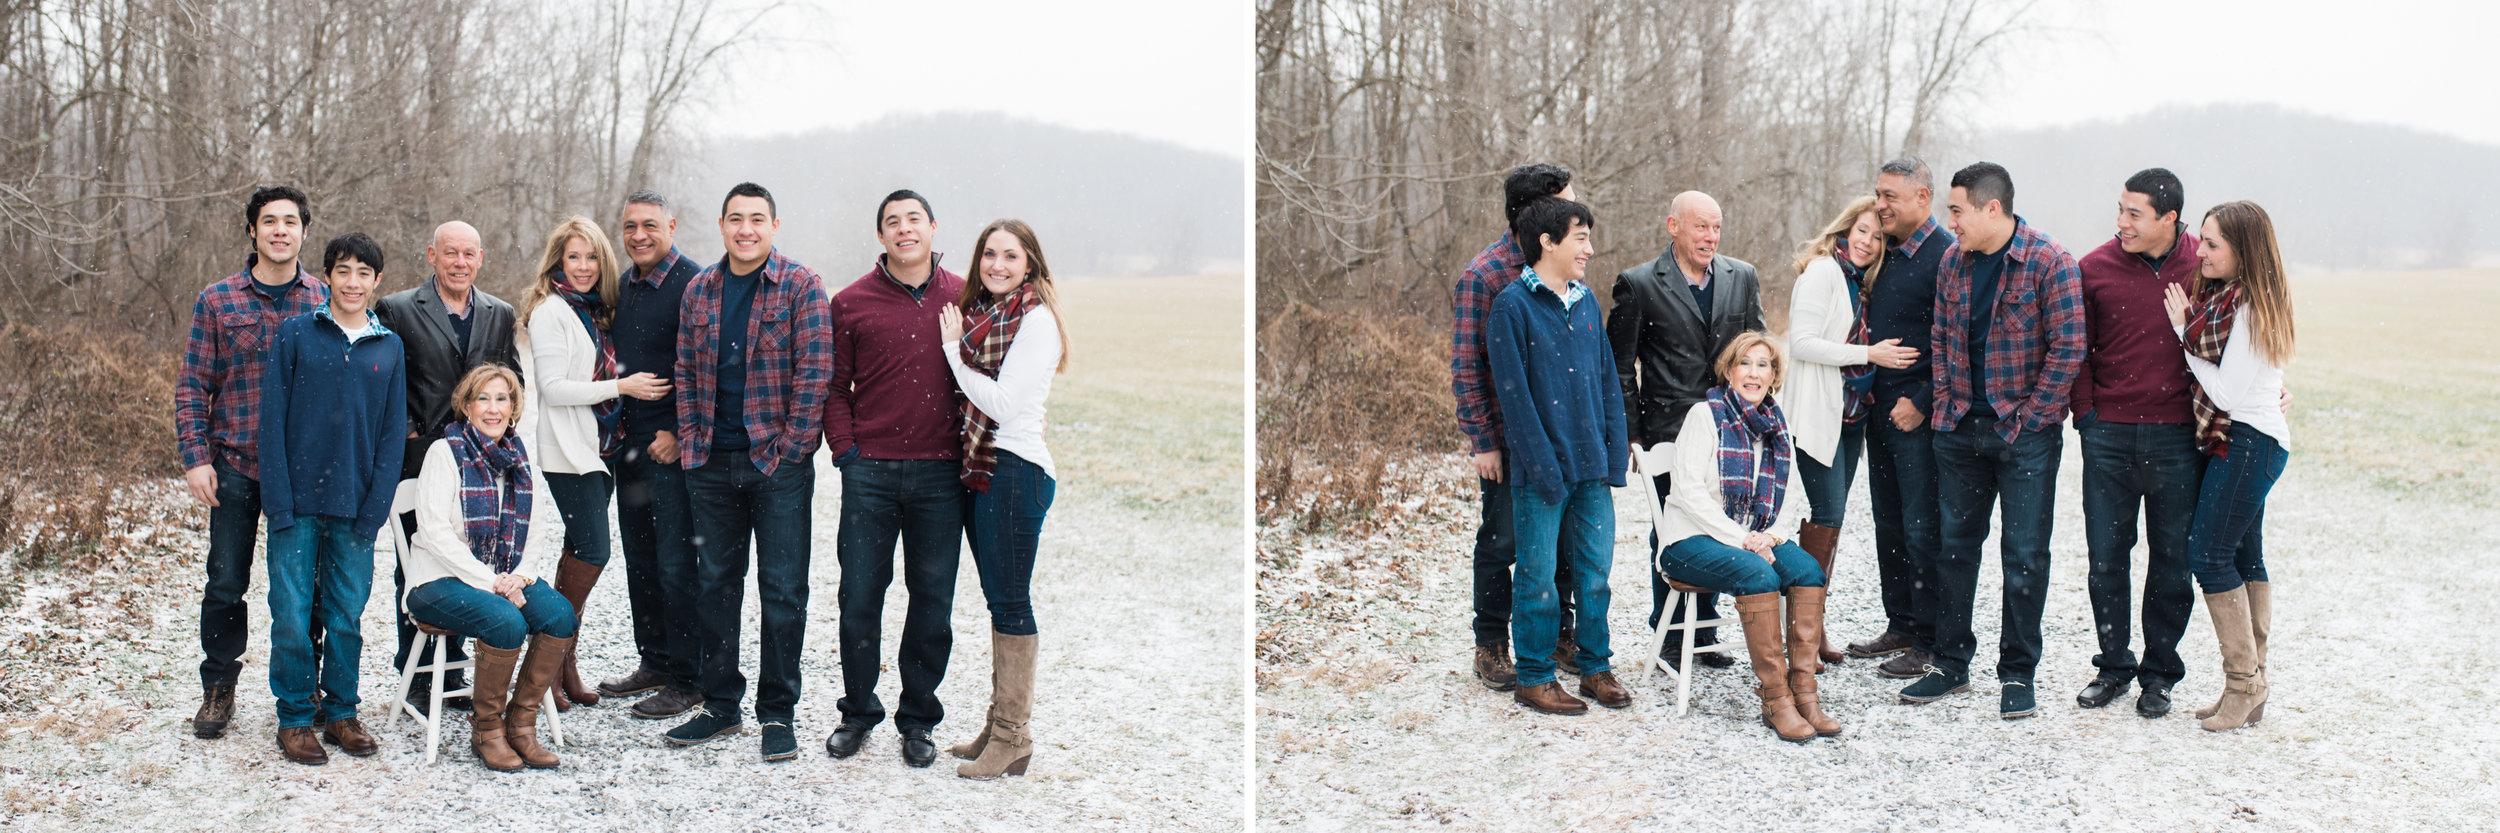 Maryland-family-photographer-breanna-kuhlmann-@Breekuhlmann